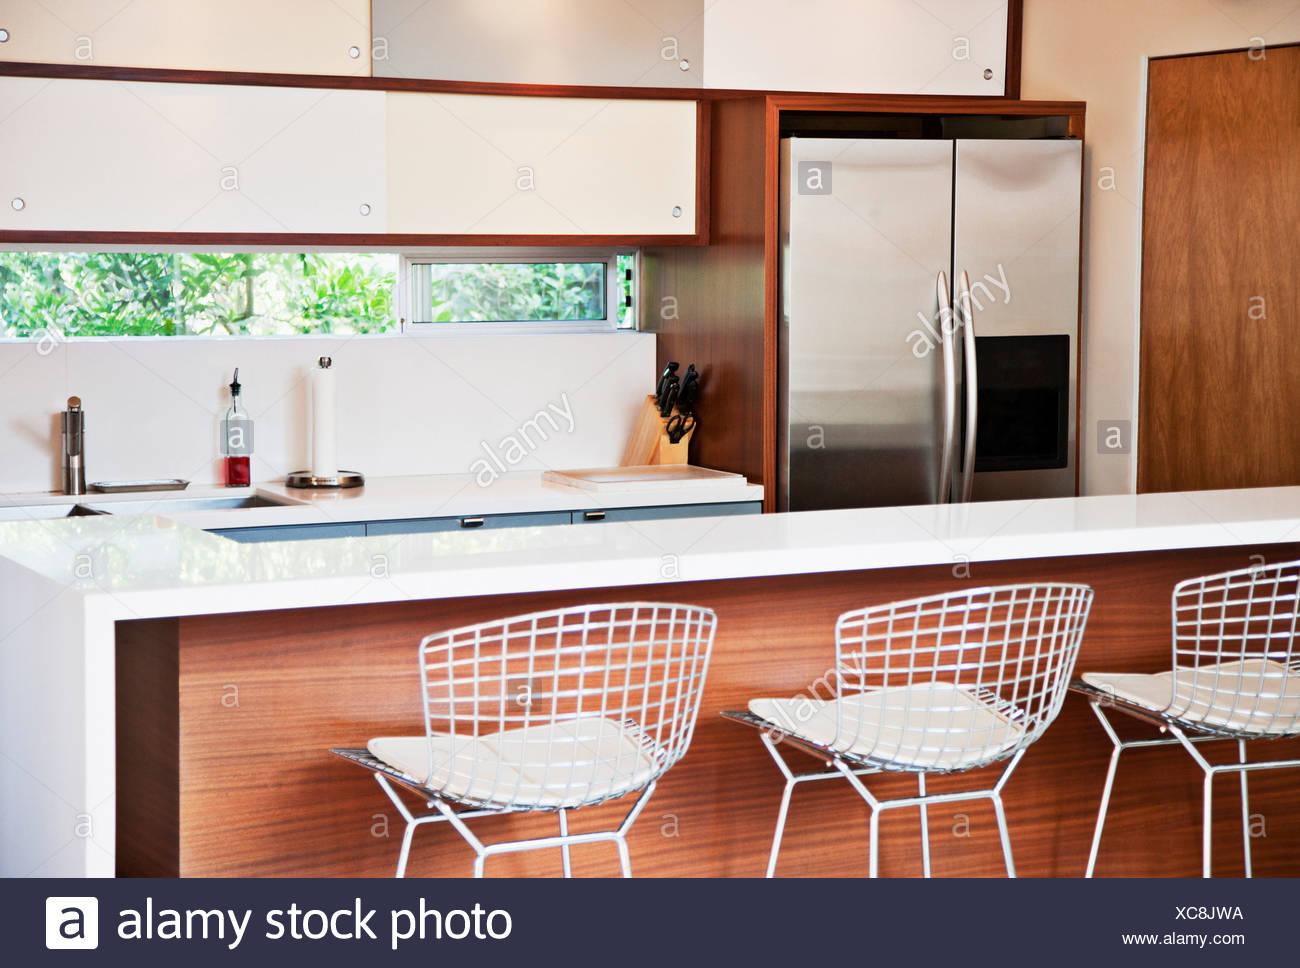 Hocker und Frühstücksbar in modernen Küche Stockfoto, Bild ...